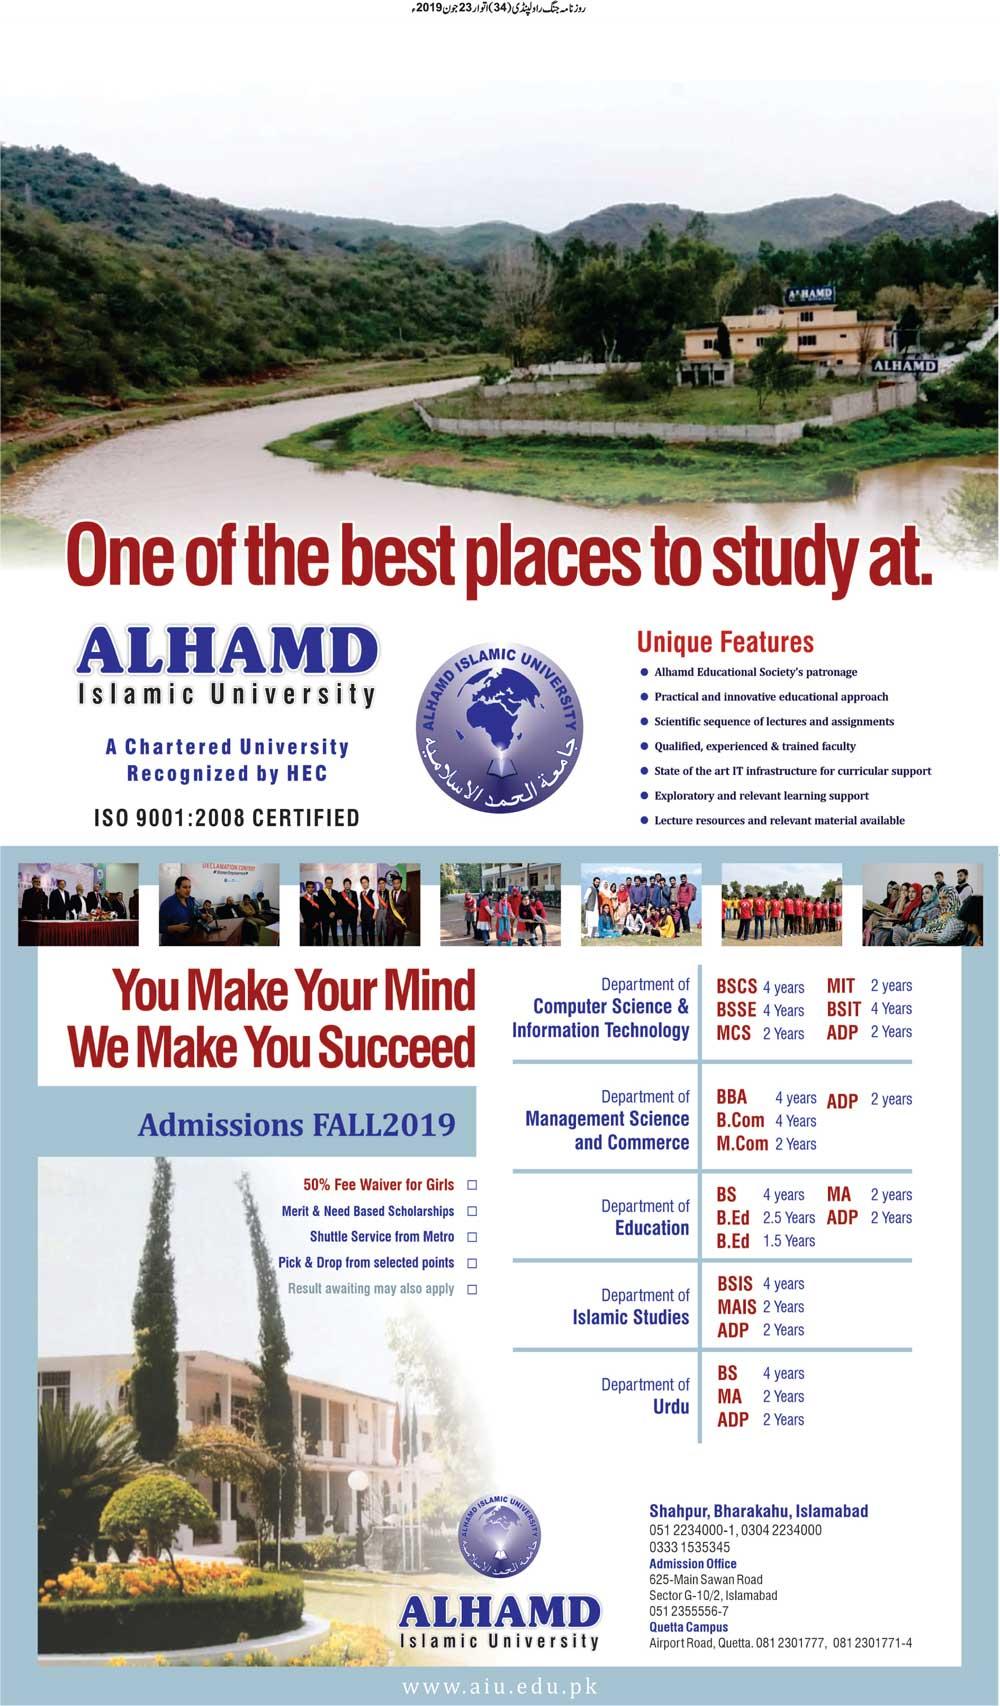 Alhamd Islamic University Islamabad Admission 2019